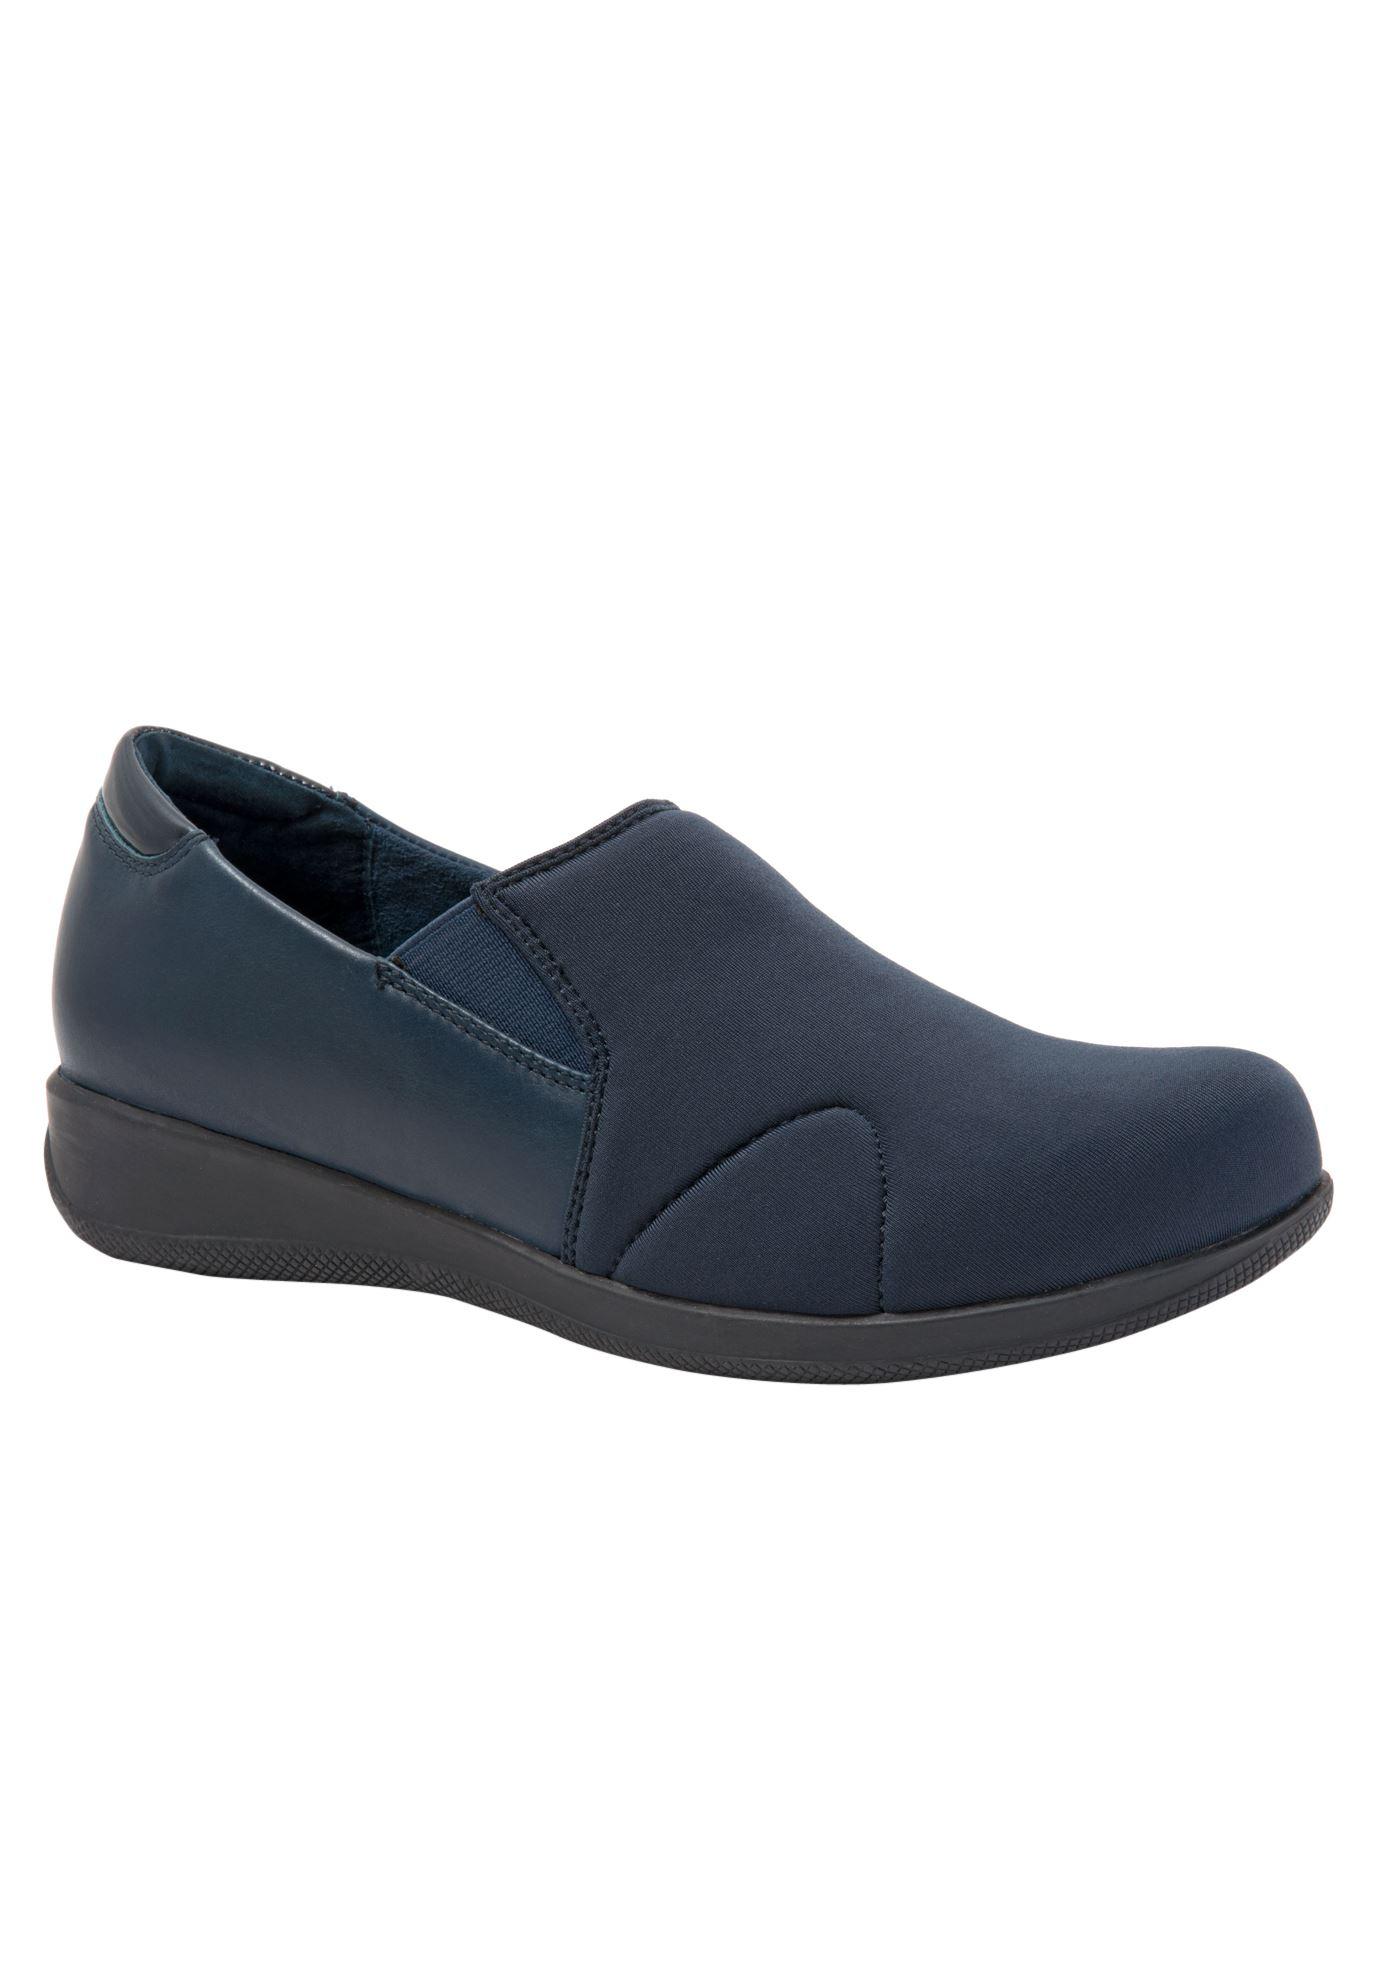 Tilton Patent Leather Slip-Ons ScnhU